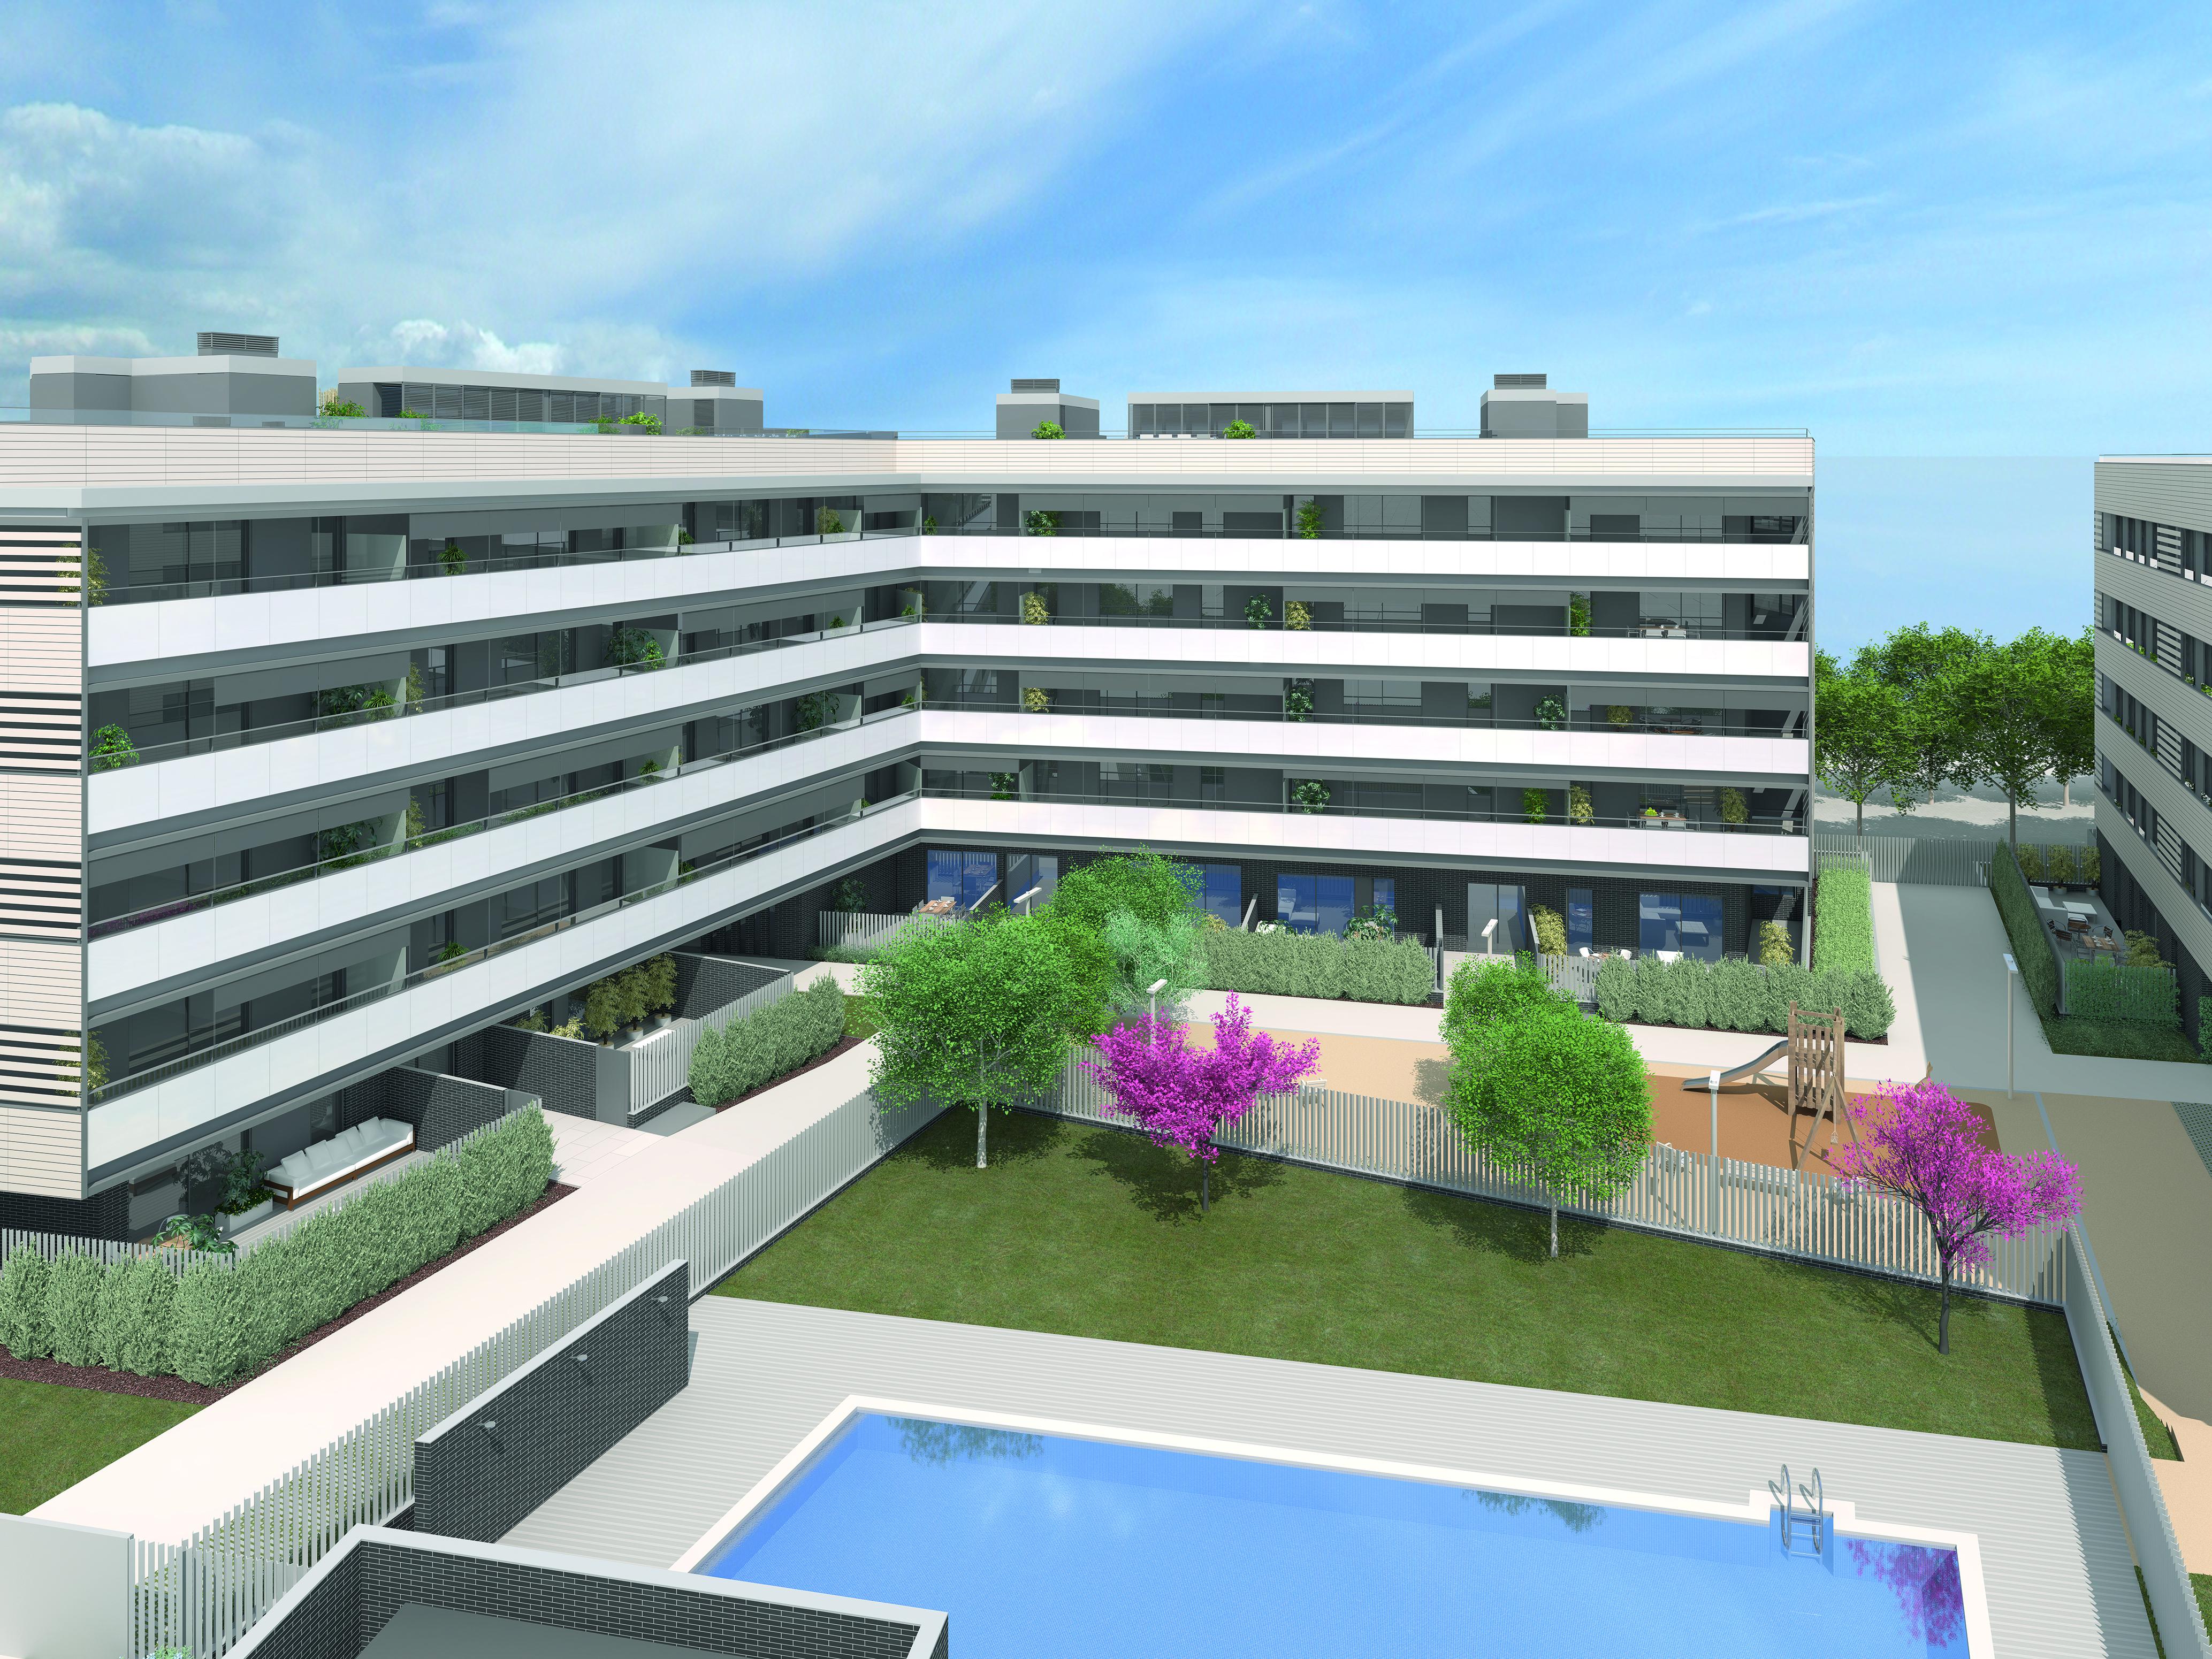 Piso en venta en Can Vasconcel, Sant Cugat del Vallès, Barcelona, Calle Josep de Peray, 510.000 €, 4 habitaciones, 1 baño, 137 m2